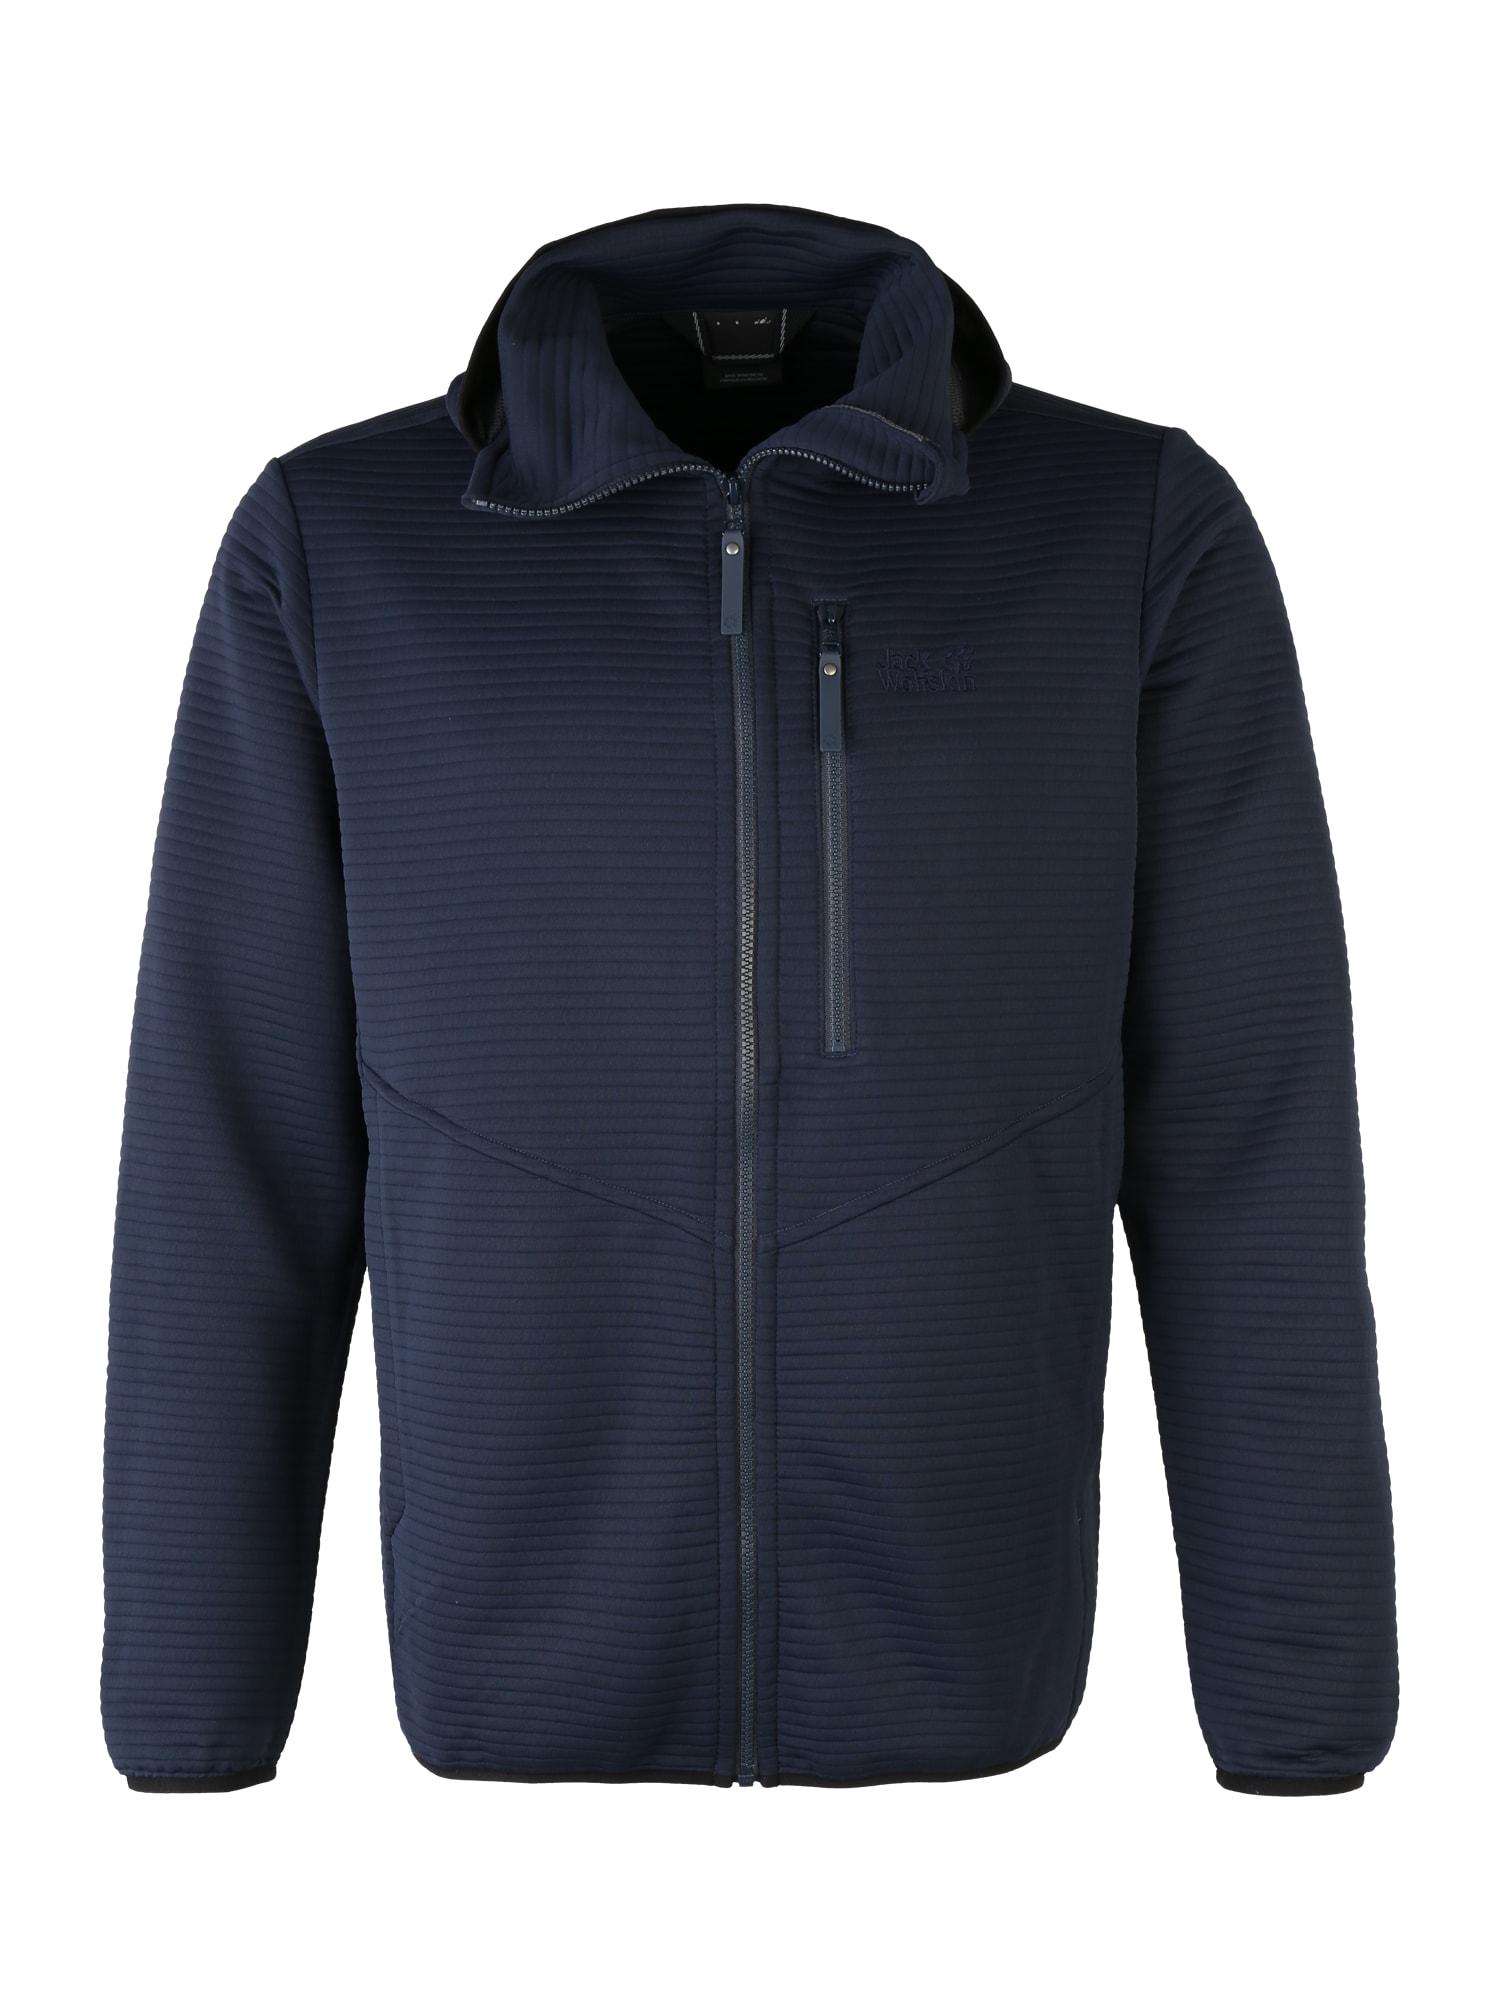 Outdoorová bunda MODESTO HOODED noční modrá JACK WOLFSKIN